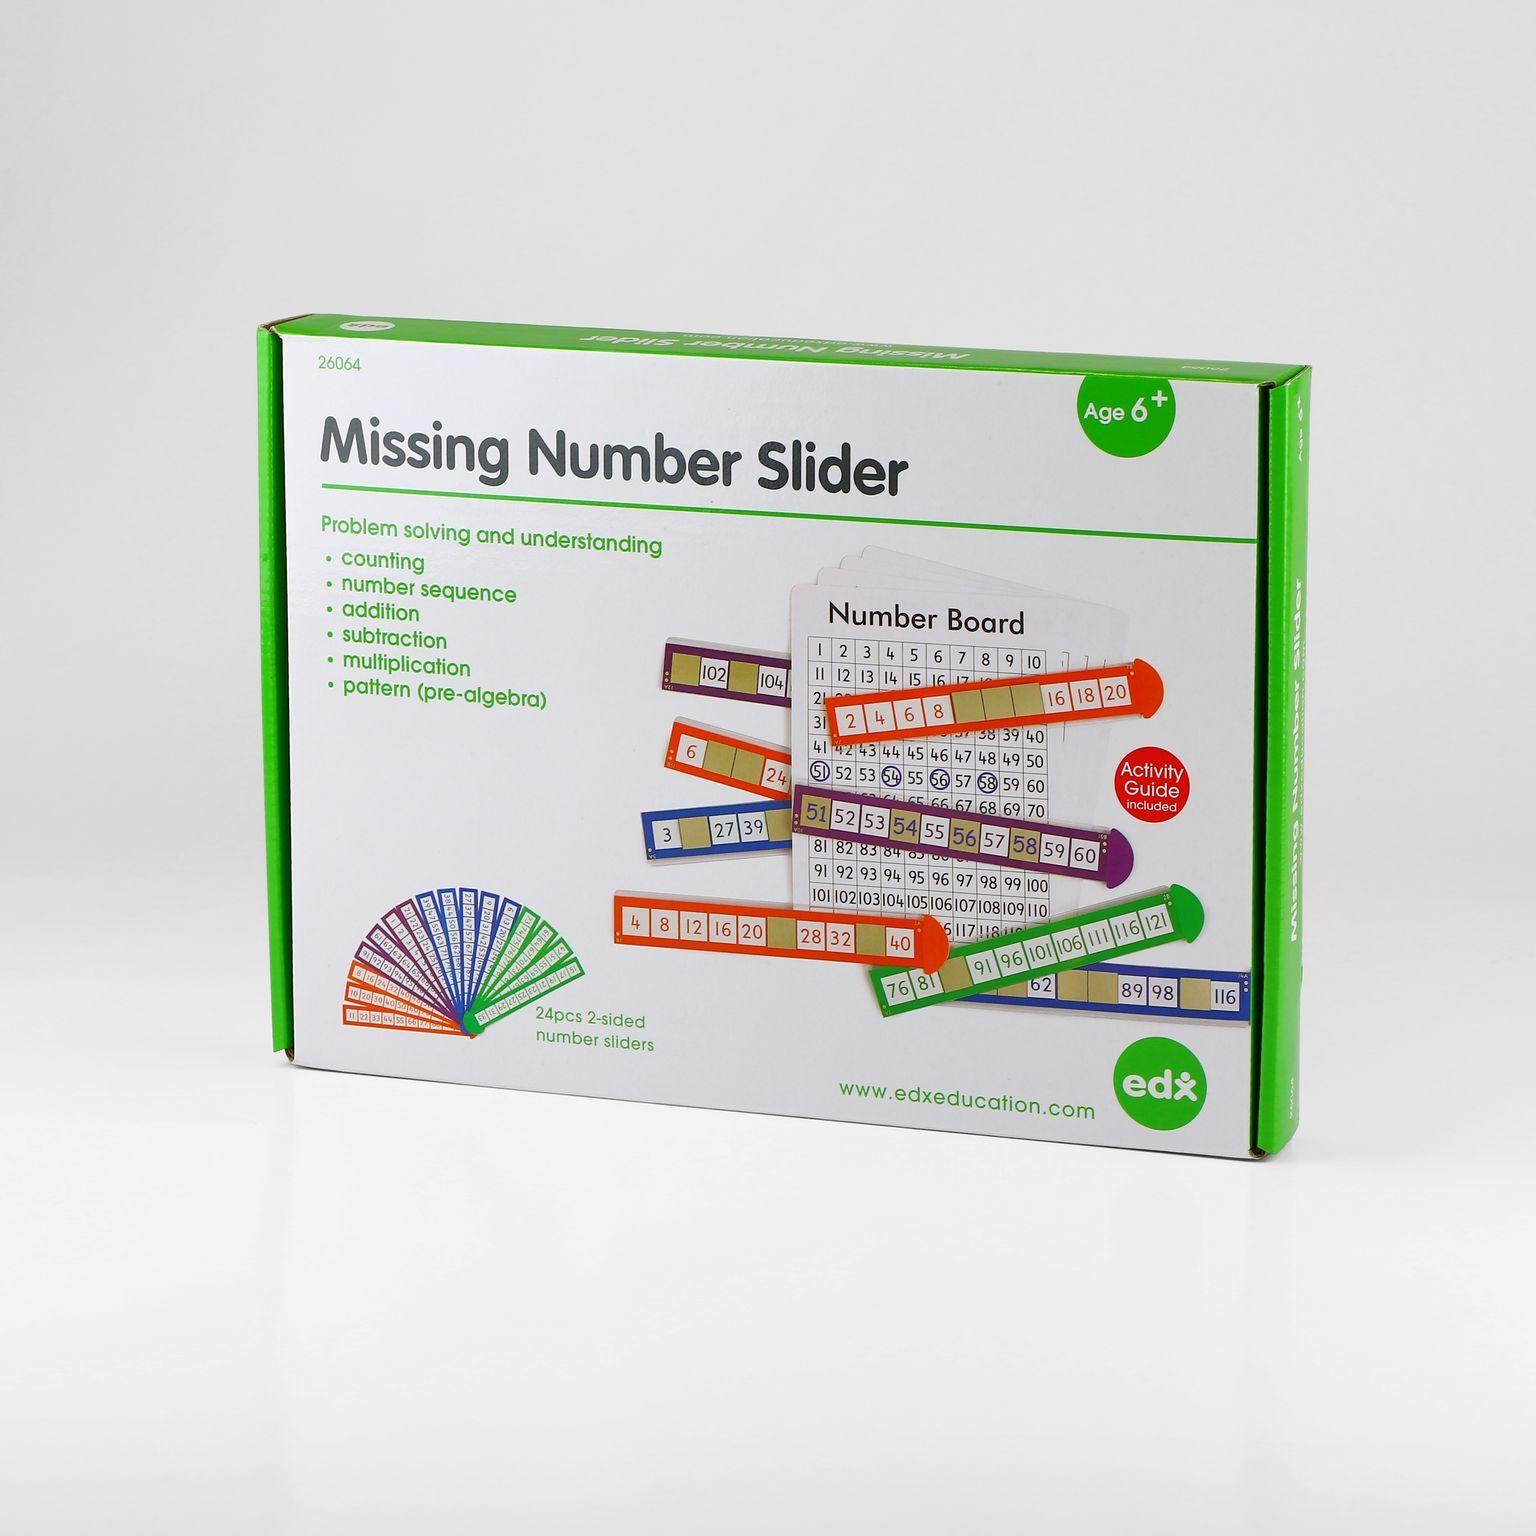 Missing Number Sliders 2 - 26064.jpg